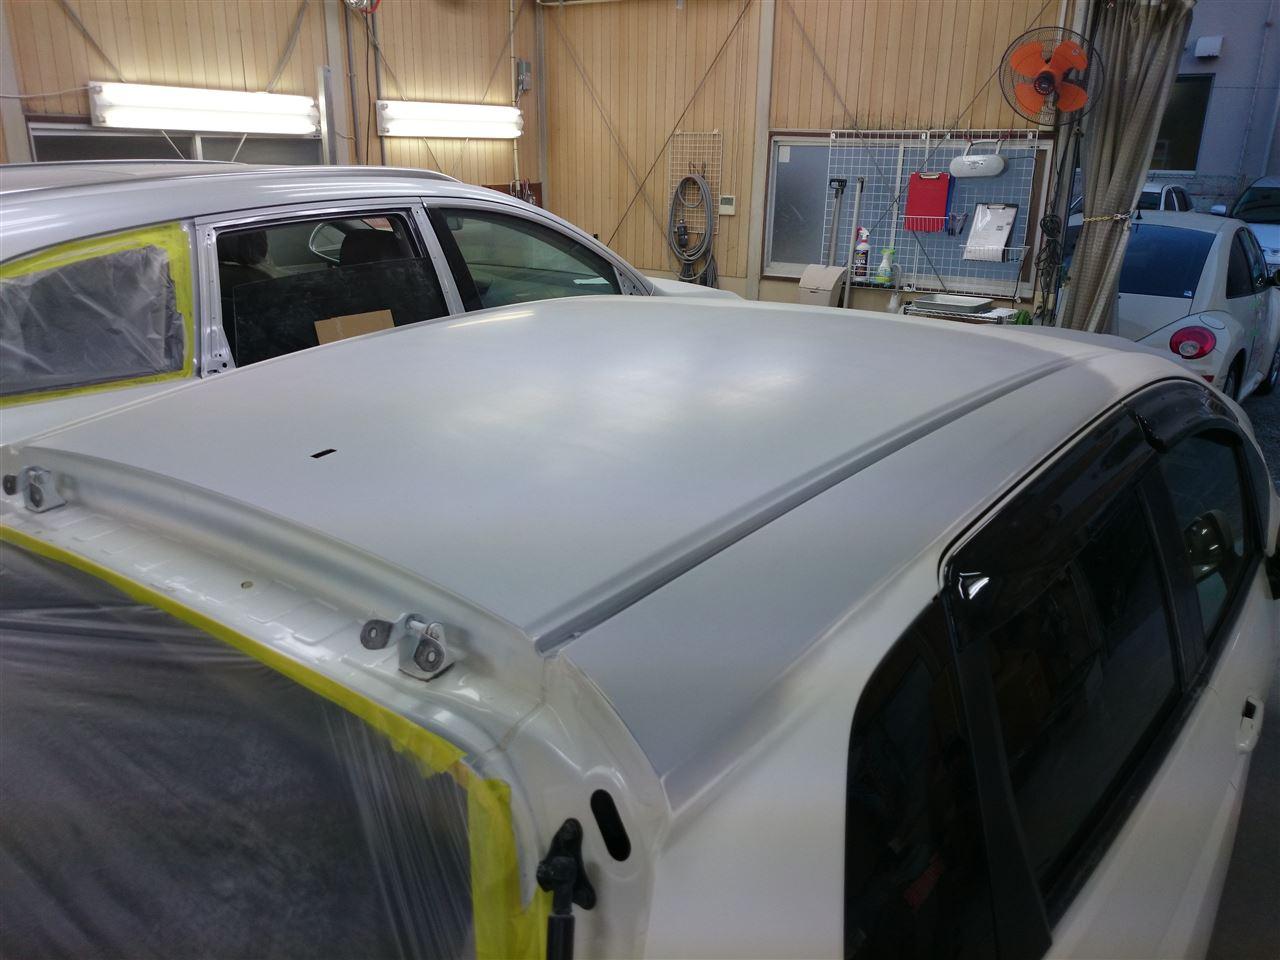 東京都立川市の車の板金塗装修理工場 ガレージローライドのホンダ フィットの雪被害によるルーフのキズ へこみ の板金 修理 塗装 です。